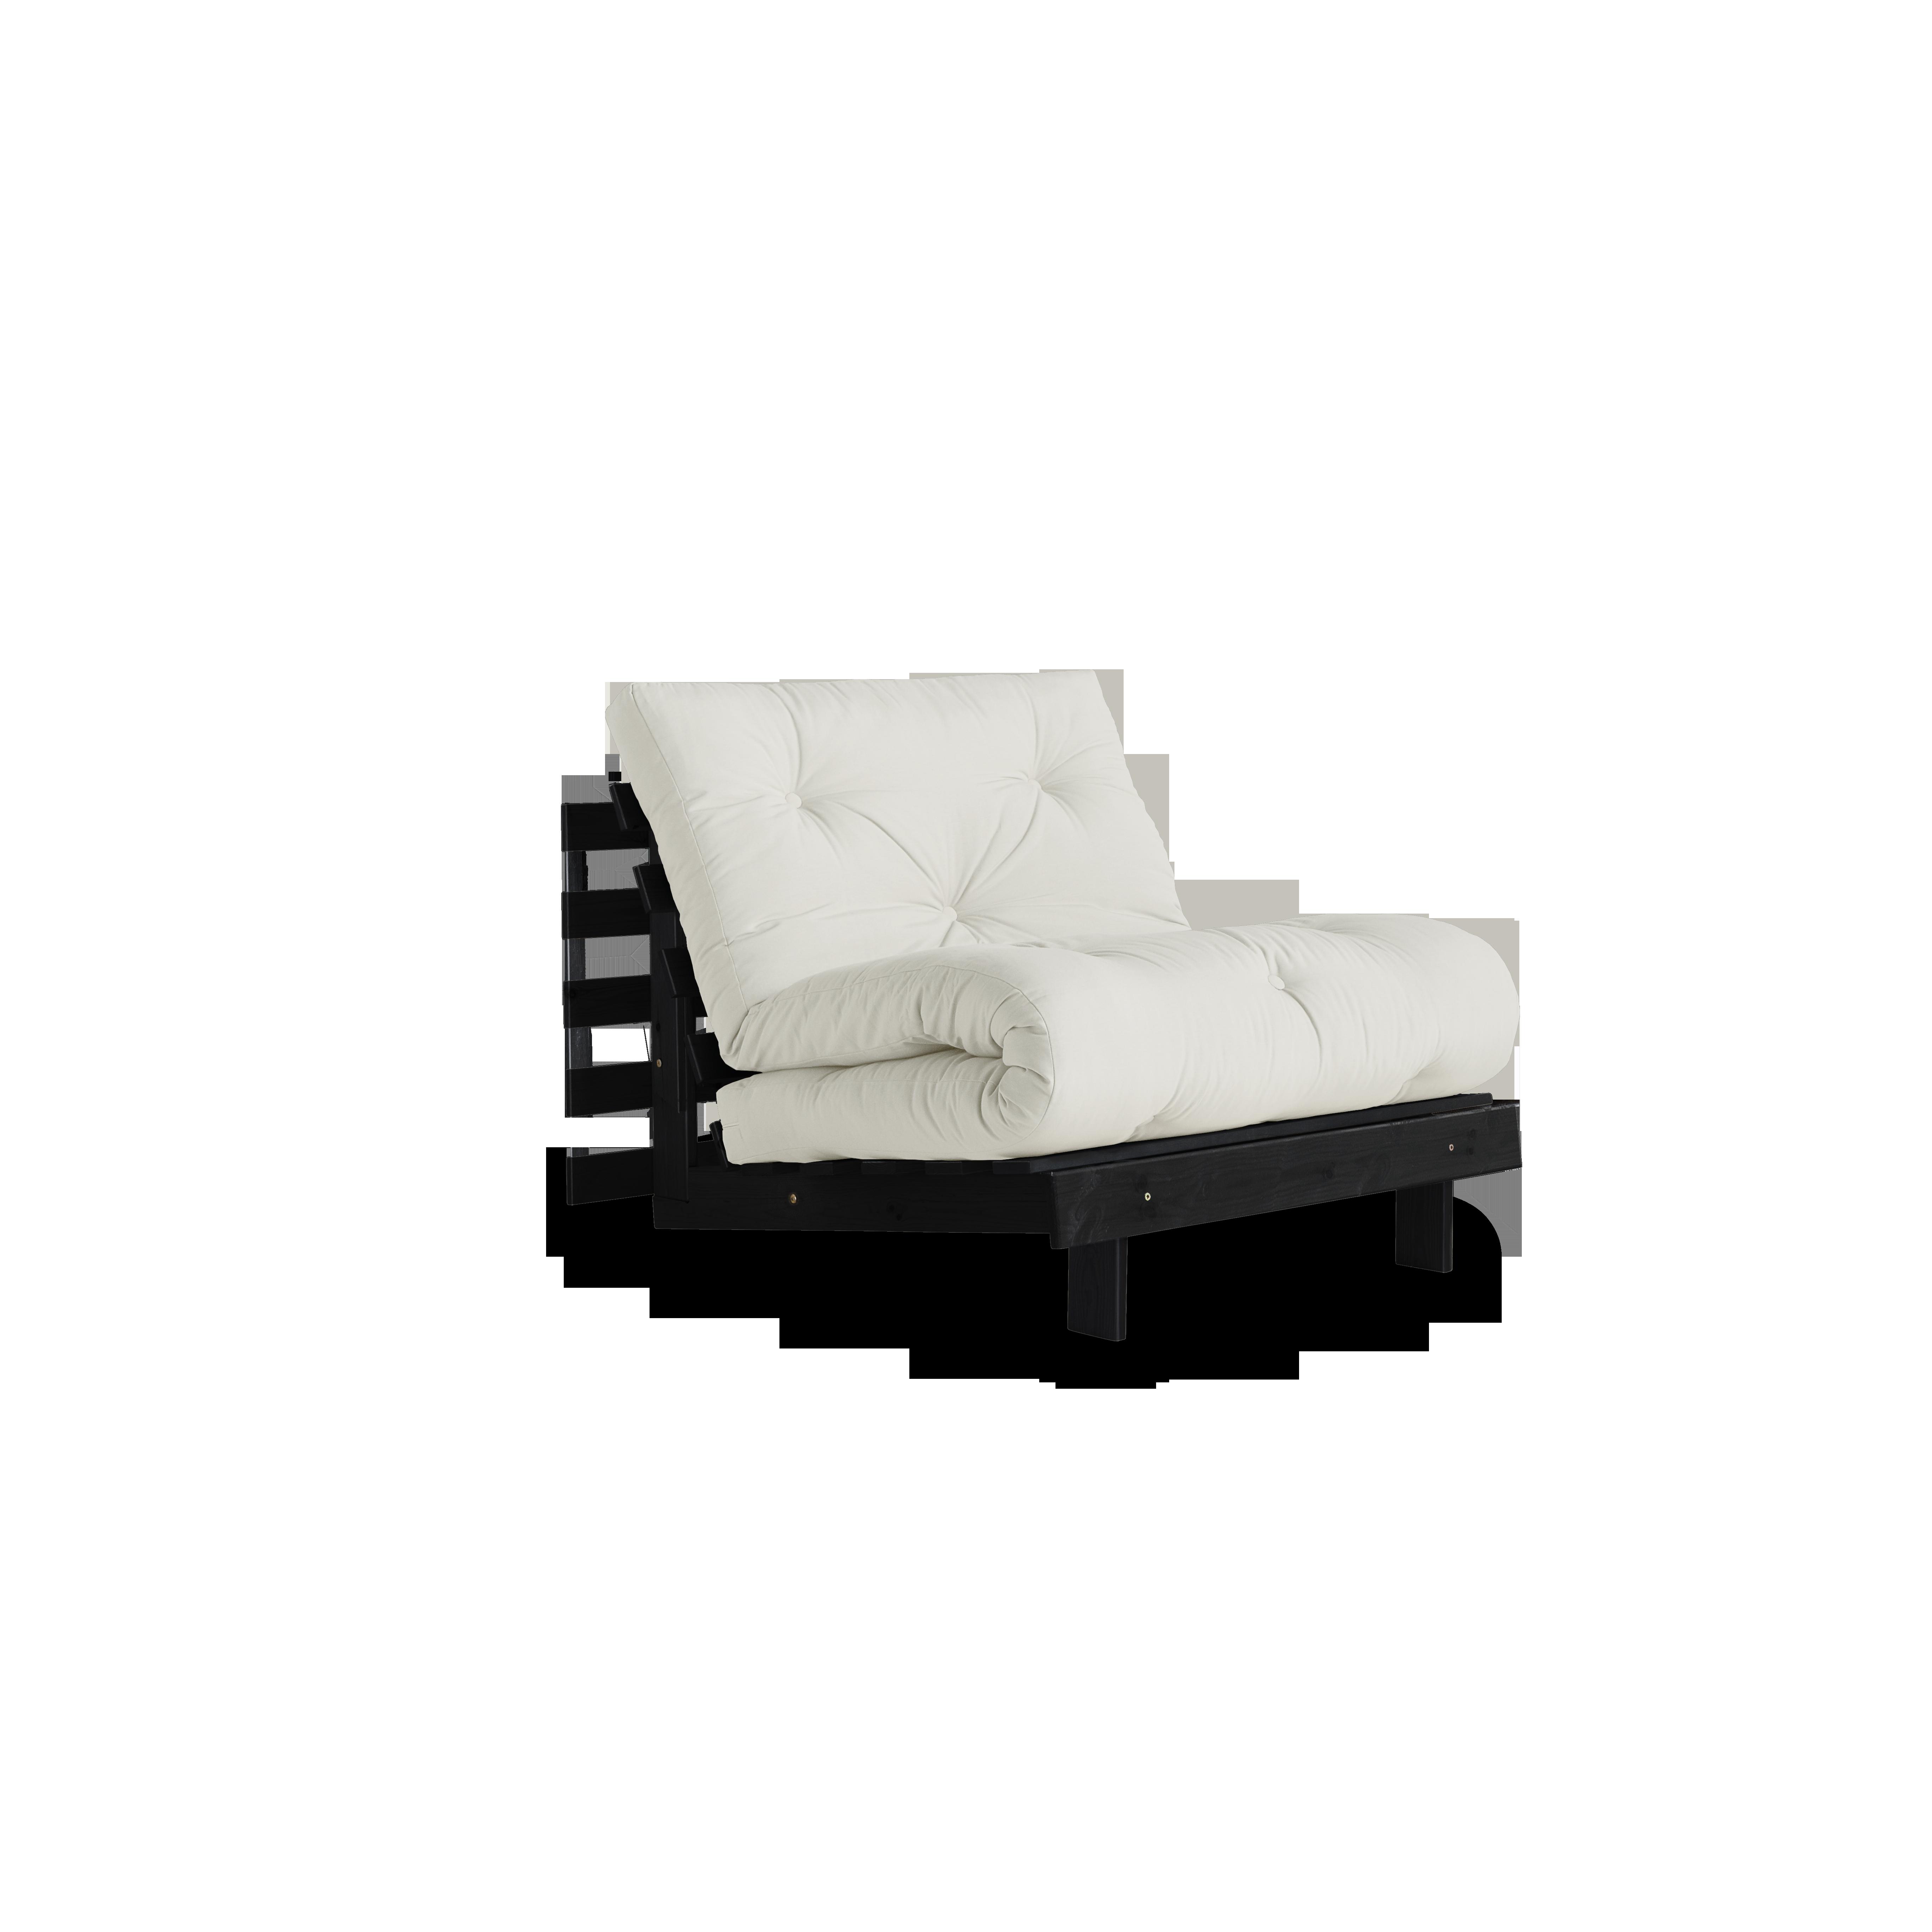 Karup Design Roots 90 Sofa Bed Black Frame Karup Design